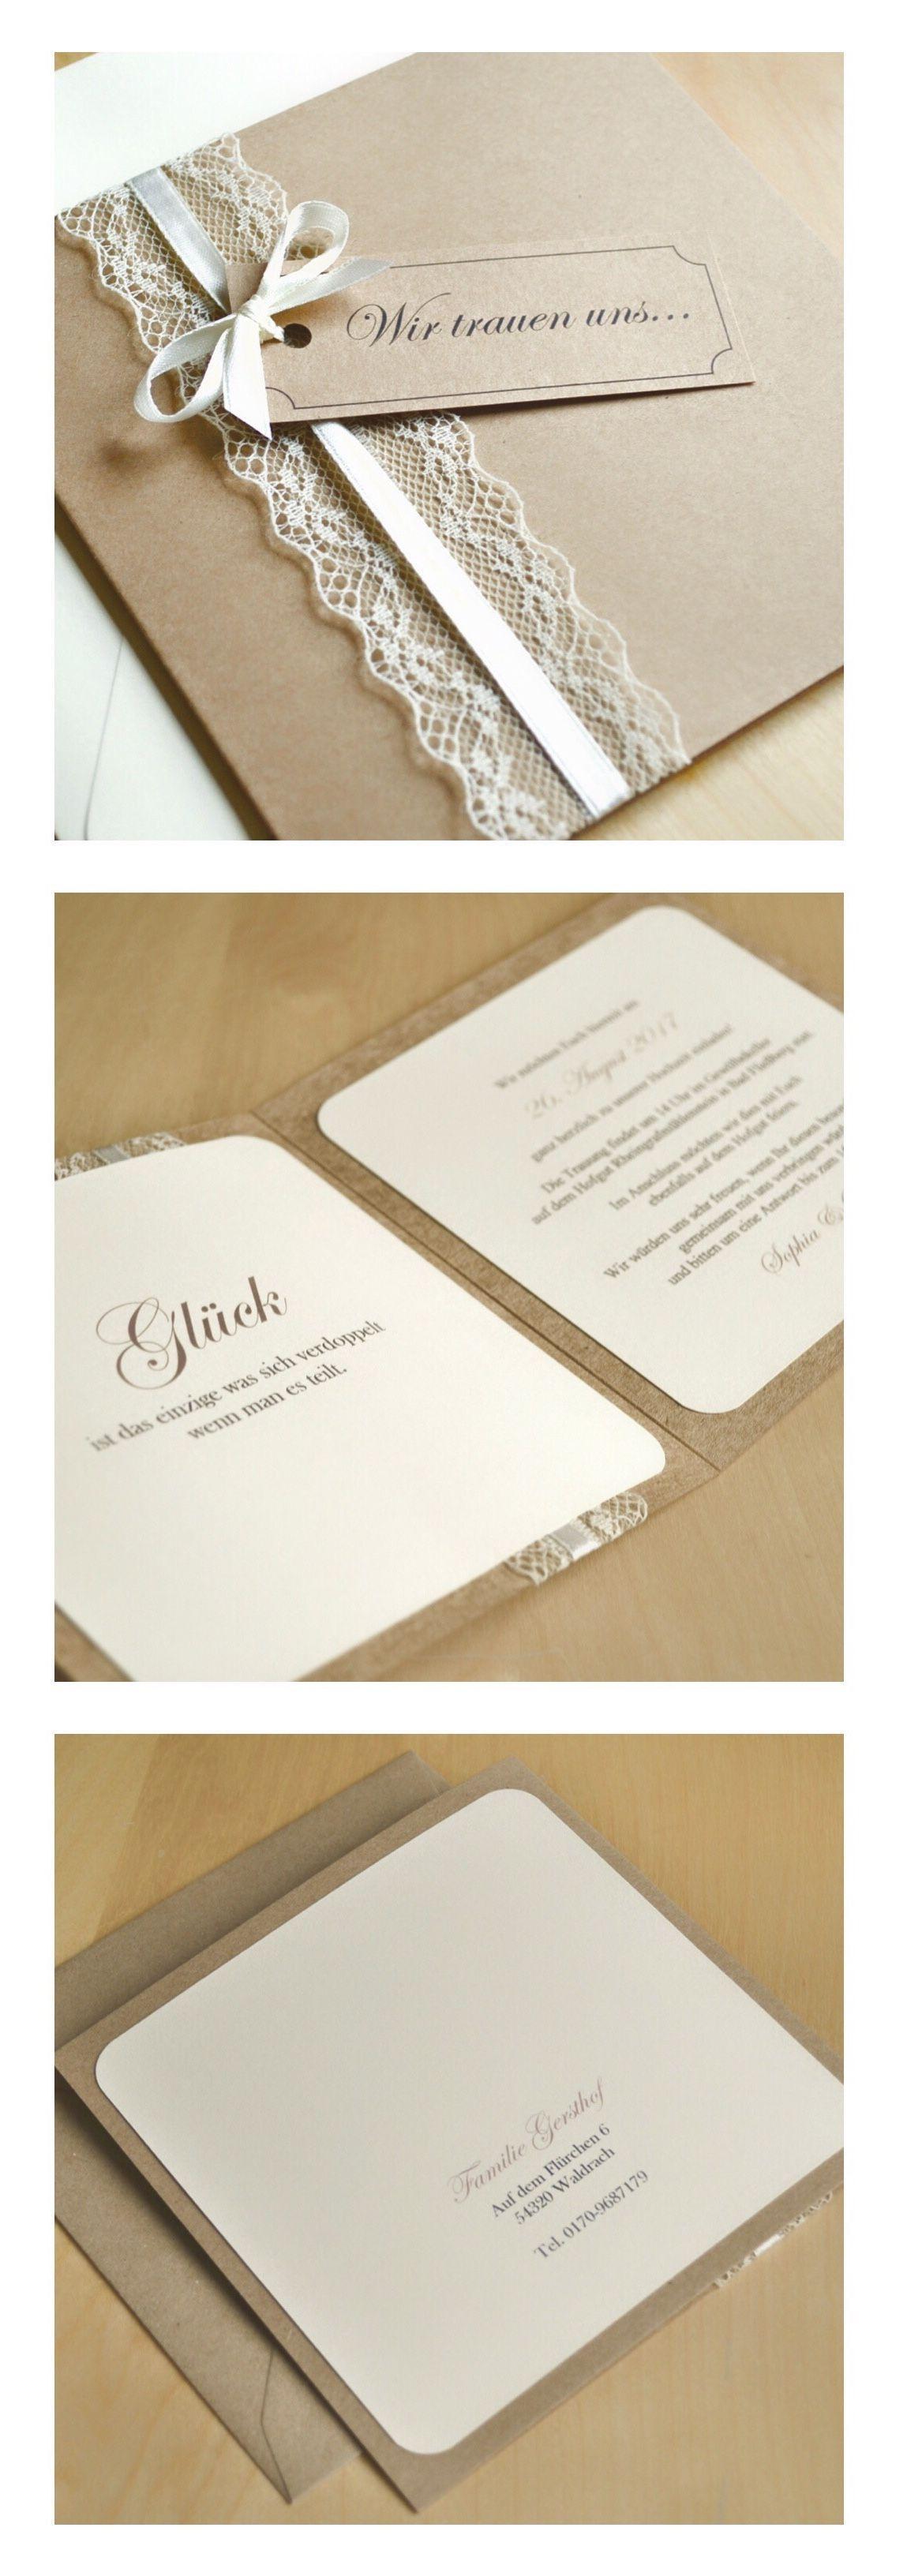 Einladungskarten Quadratisch Zur Hochzeit Vintage Mit Spitze Hochzeit Einladungskarte In 2020 Karte Hochzeit Einladungskarten Hochzeit Einladungskarte Hochzeit Vintage